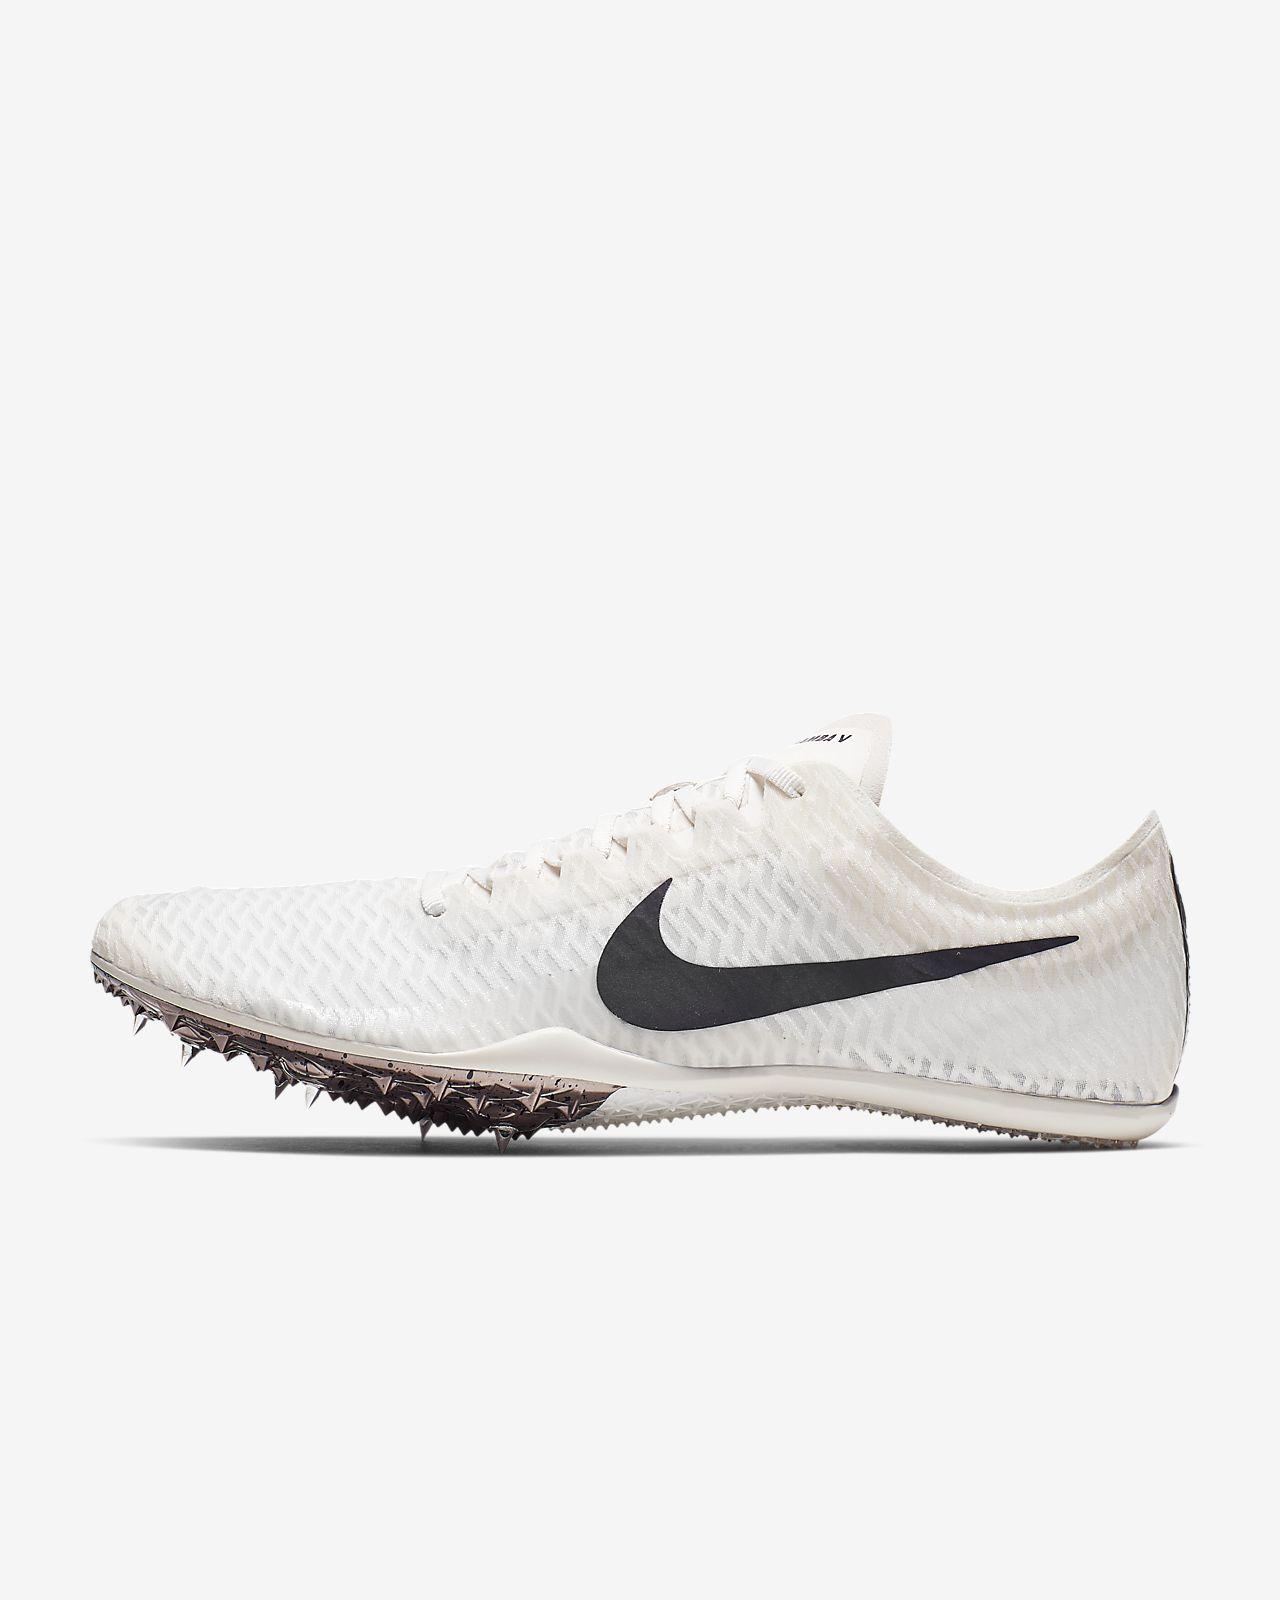 Nike Zoom Mamba 5 Laufschuh